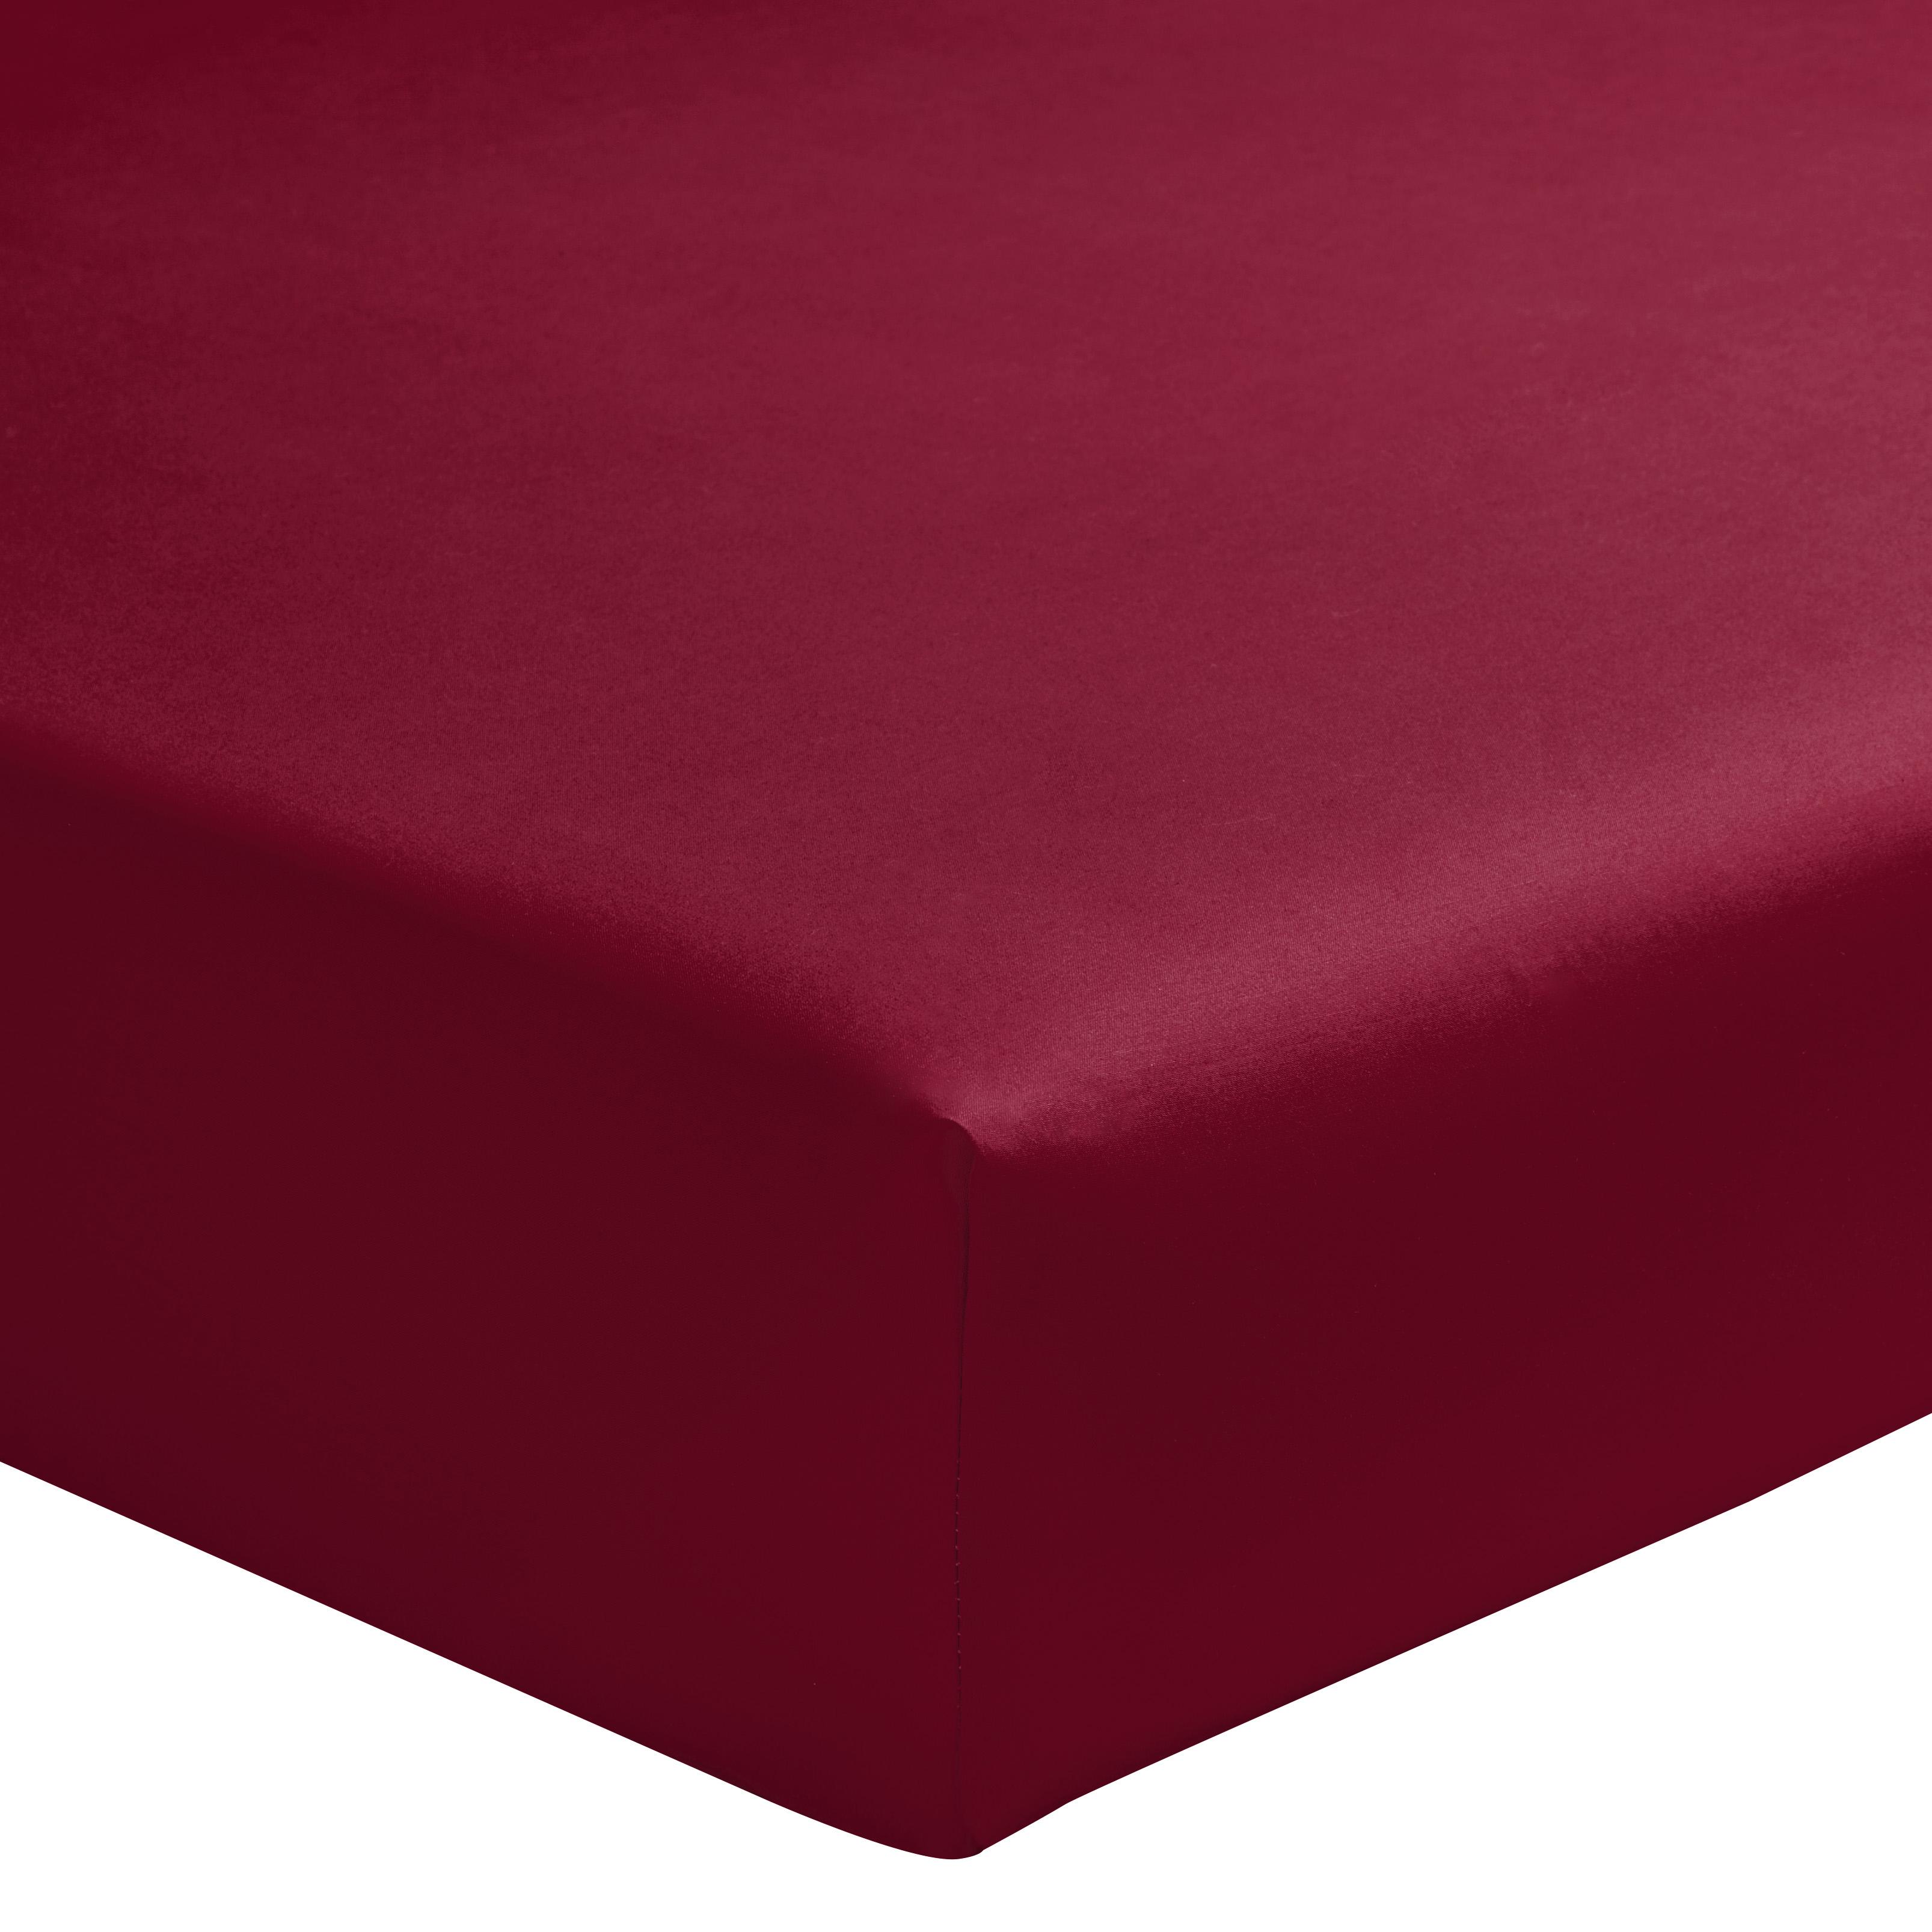 Drap housse uni en percale de coton rouge 180x200